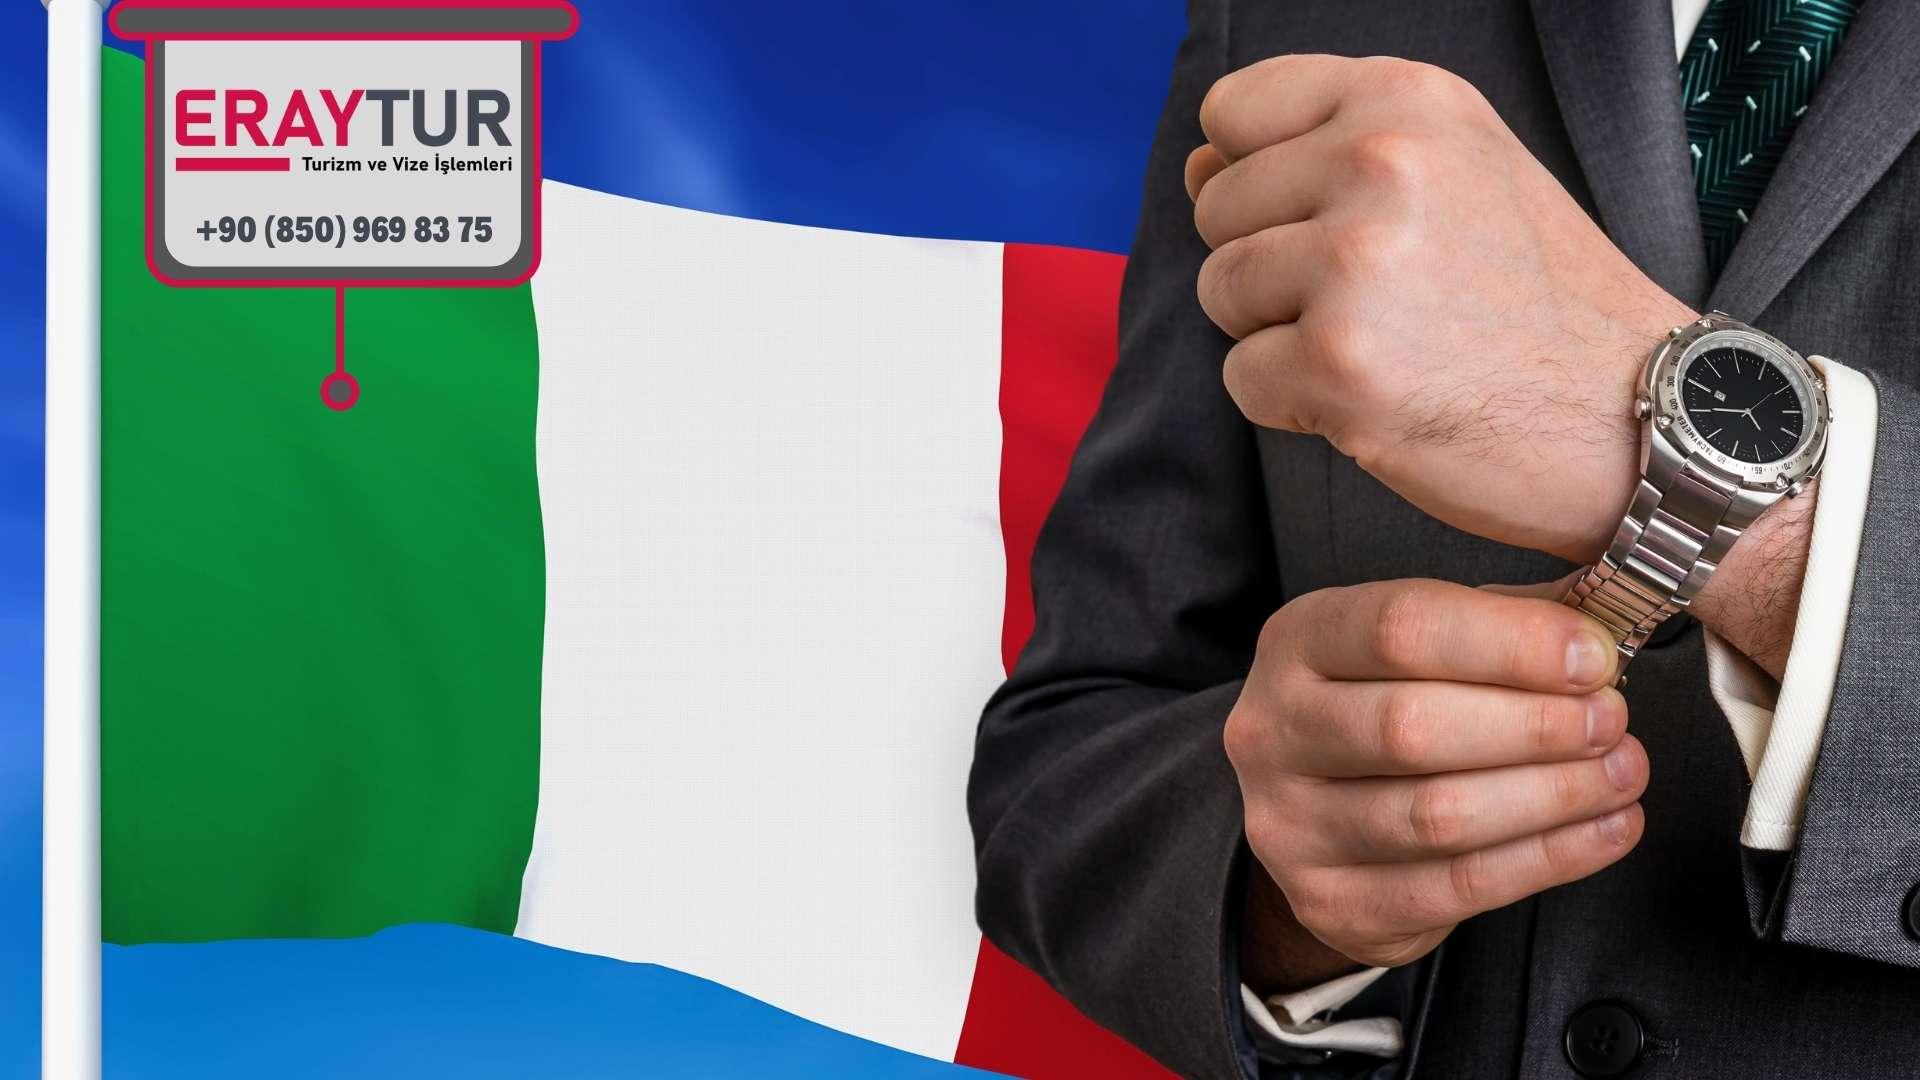 İtalya Ticari Vize